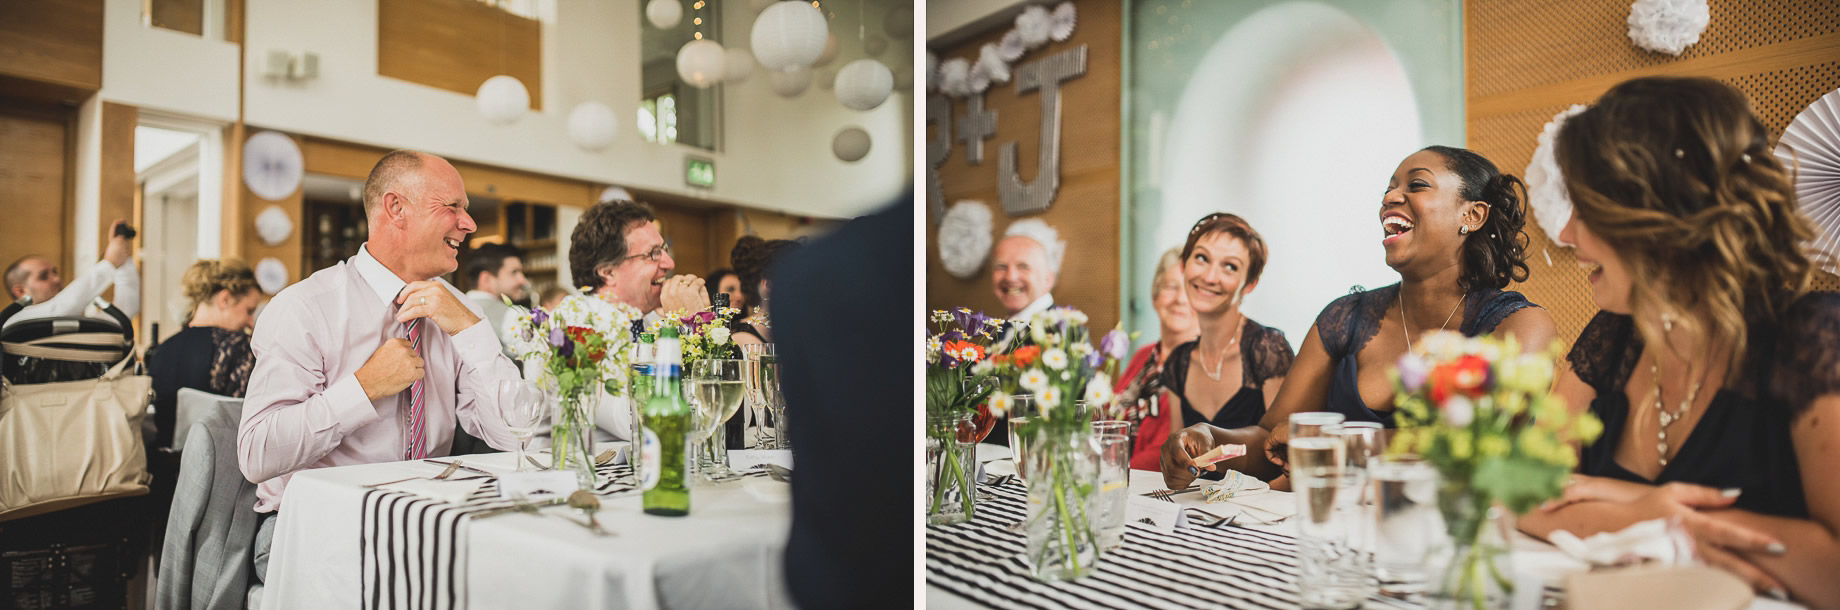 Becky and John's Wedding at Slaidburn Village Hall 142